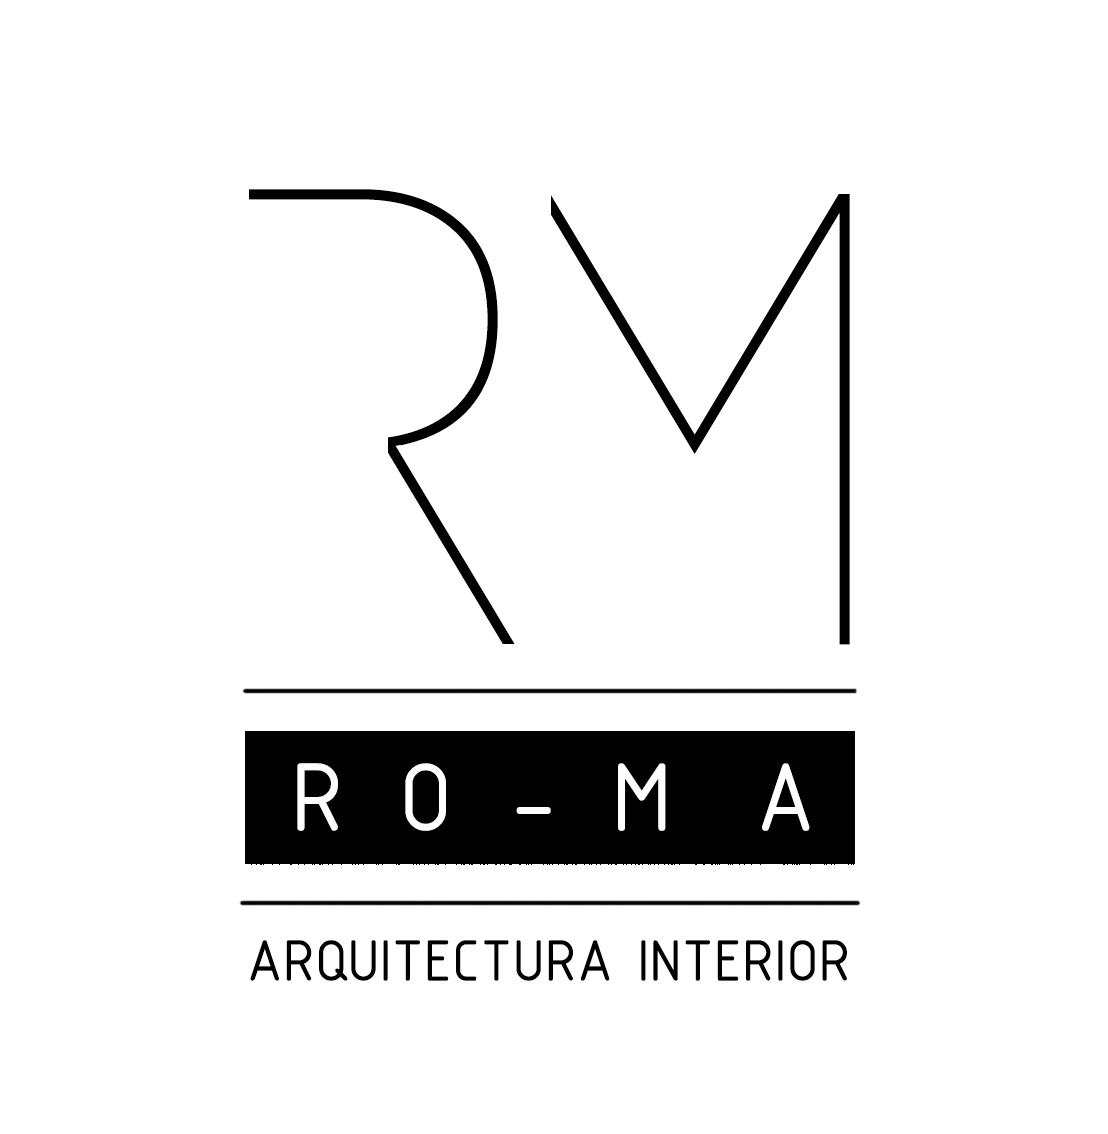 ro-maarquitectura interior